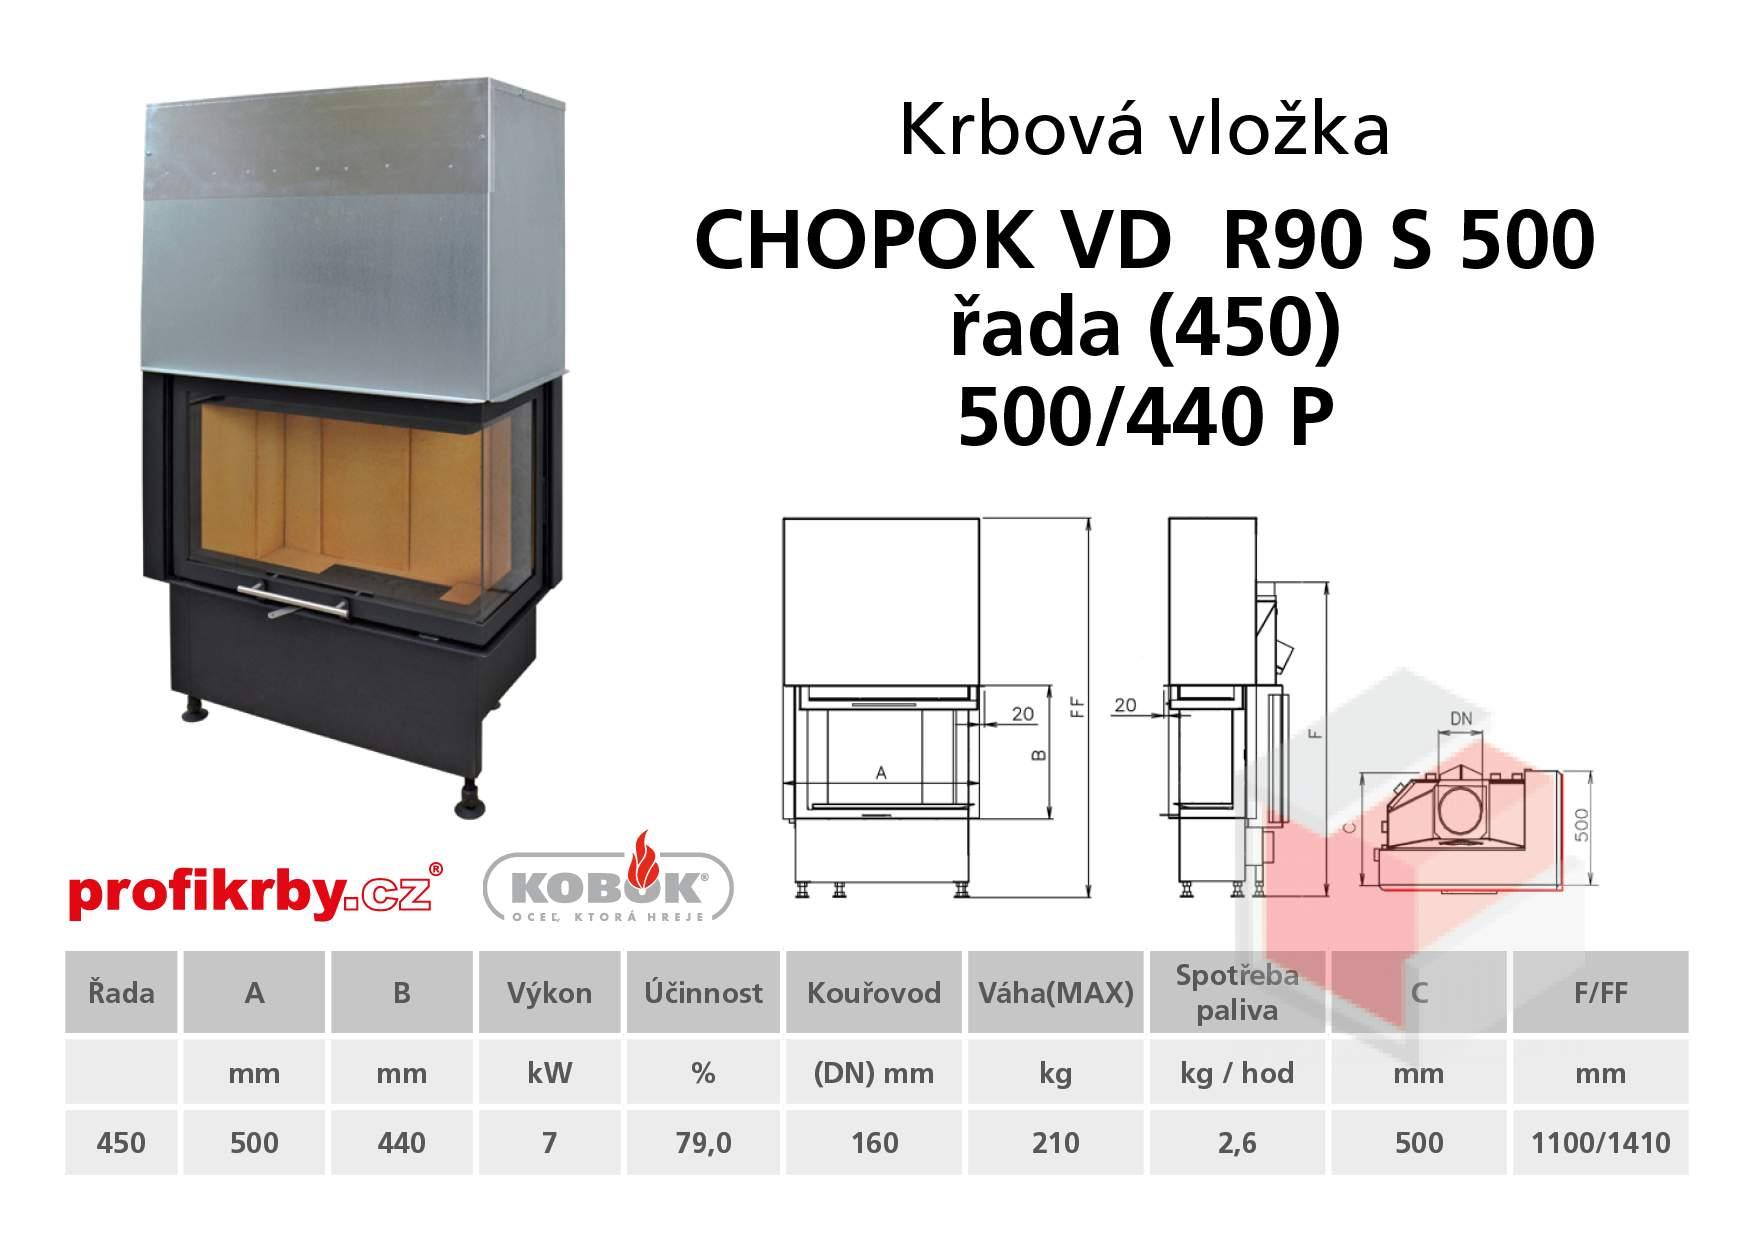 Krbová vložka CHOPOK VD R90Sx450 (500) 450 (500) 440 - Rohová -